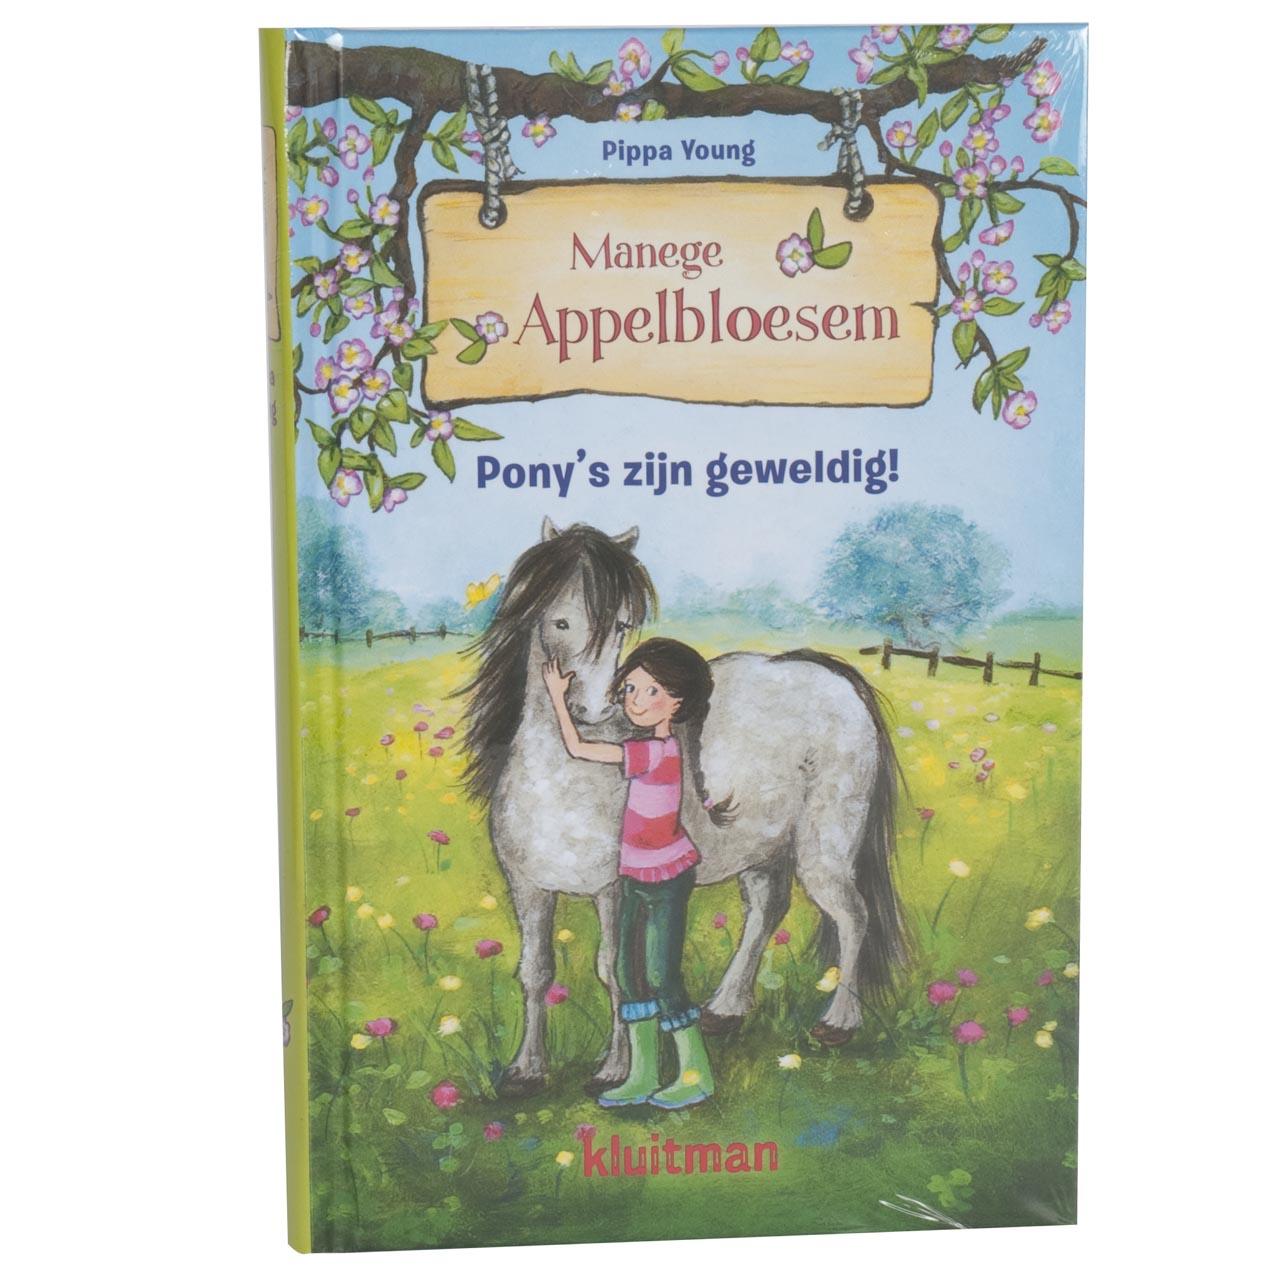 Manege Appelbloesem, Pony's zijn geweldig